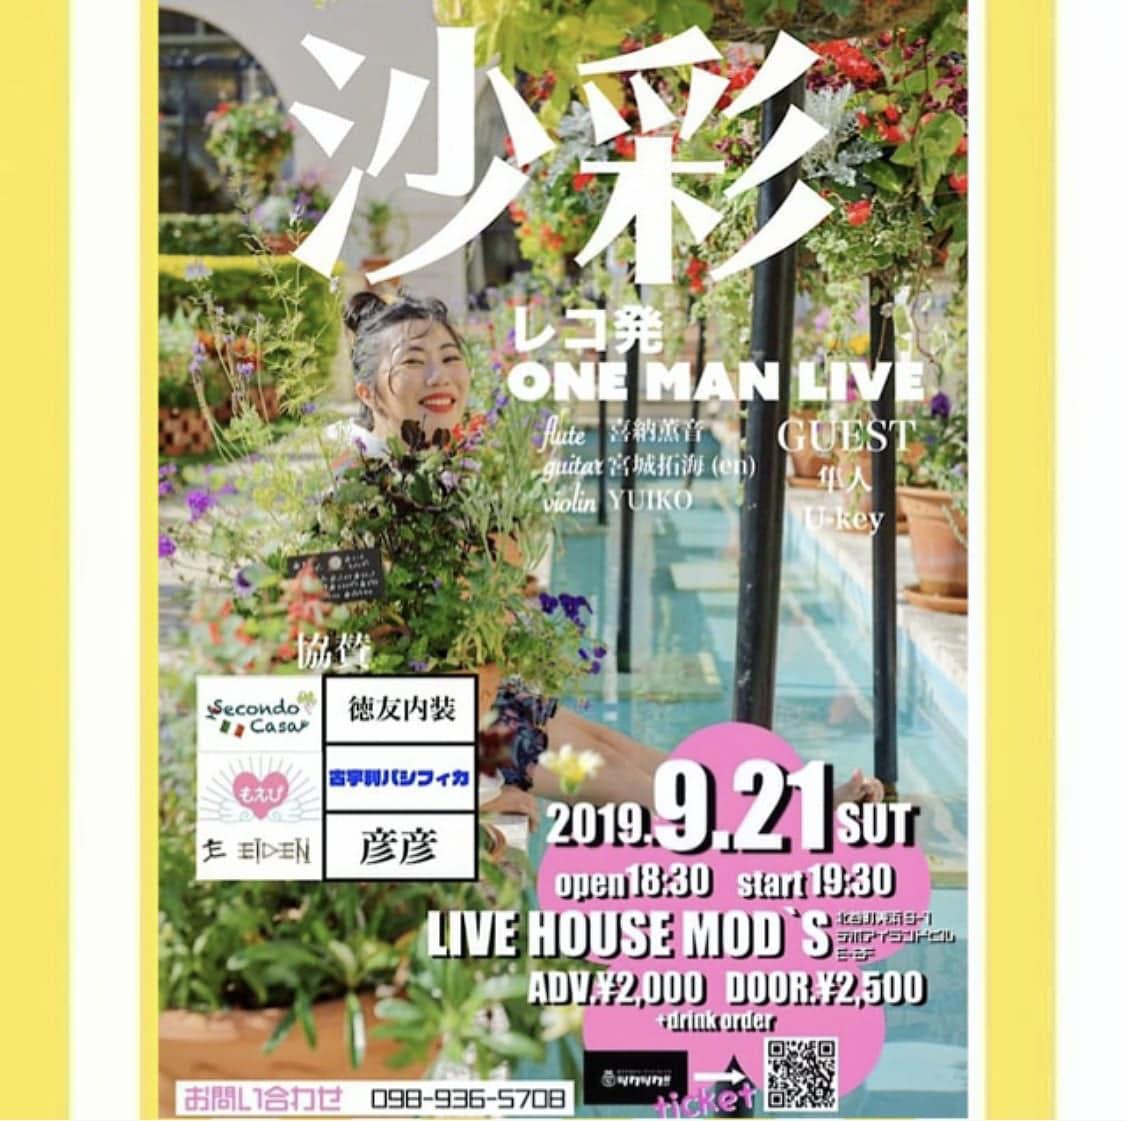 沙彩応援セットチケット‼︎2019.11.22(金)沙彩*ONE MAN LIVE inLIVE HOUSE MOD'Sのイメージその2